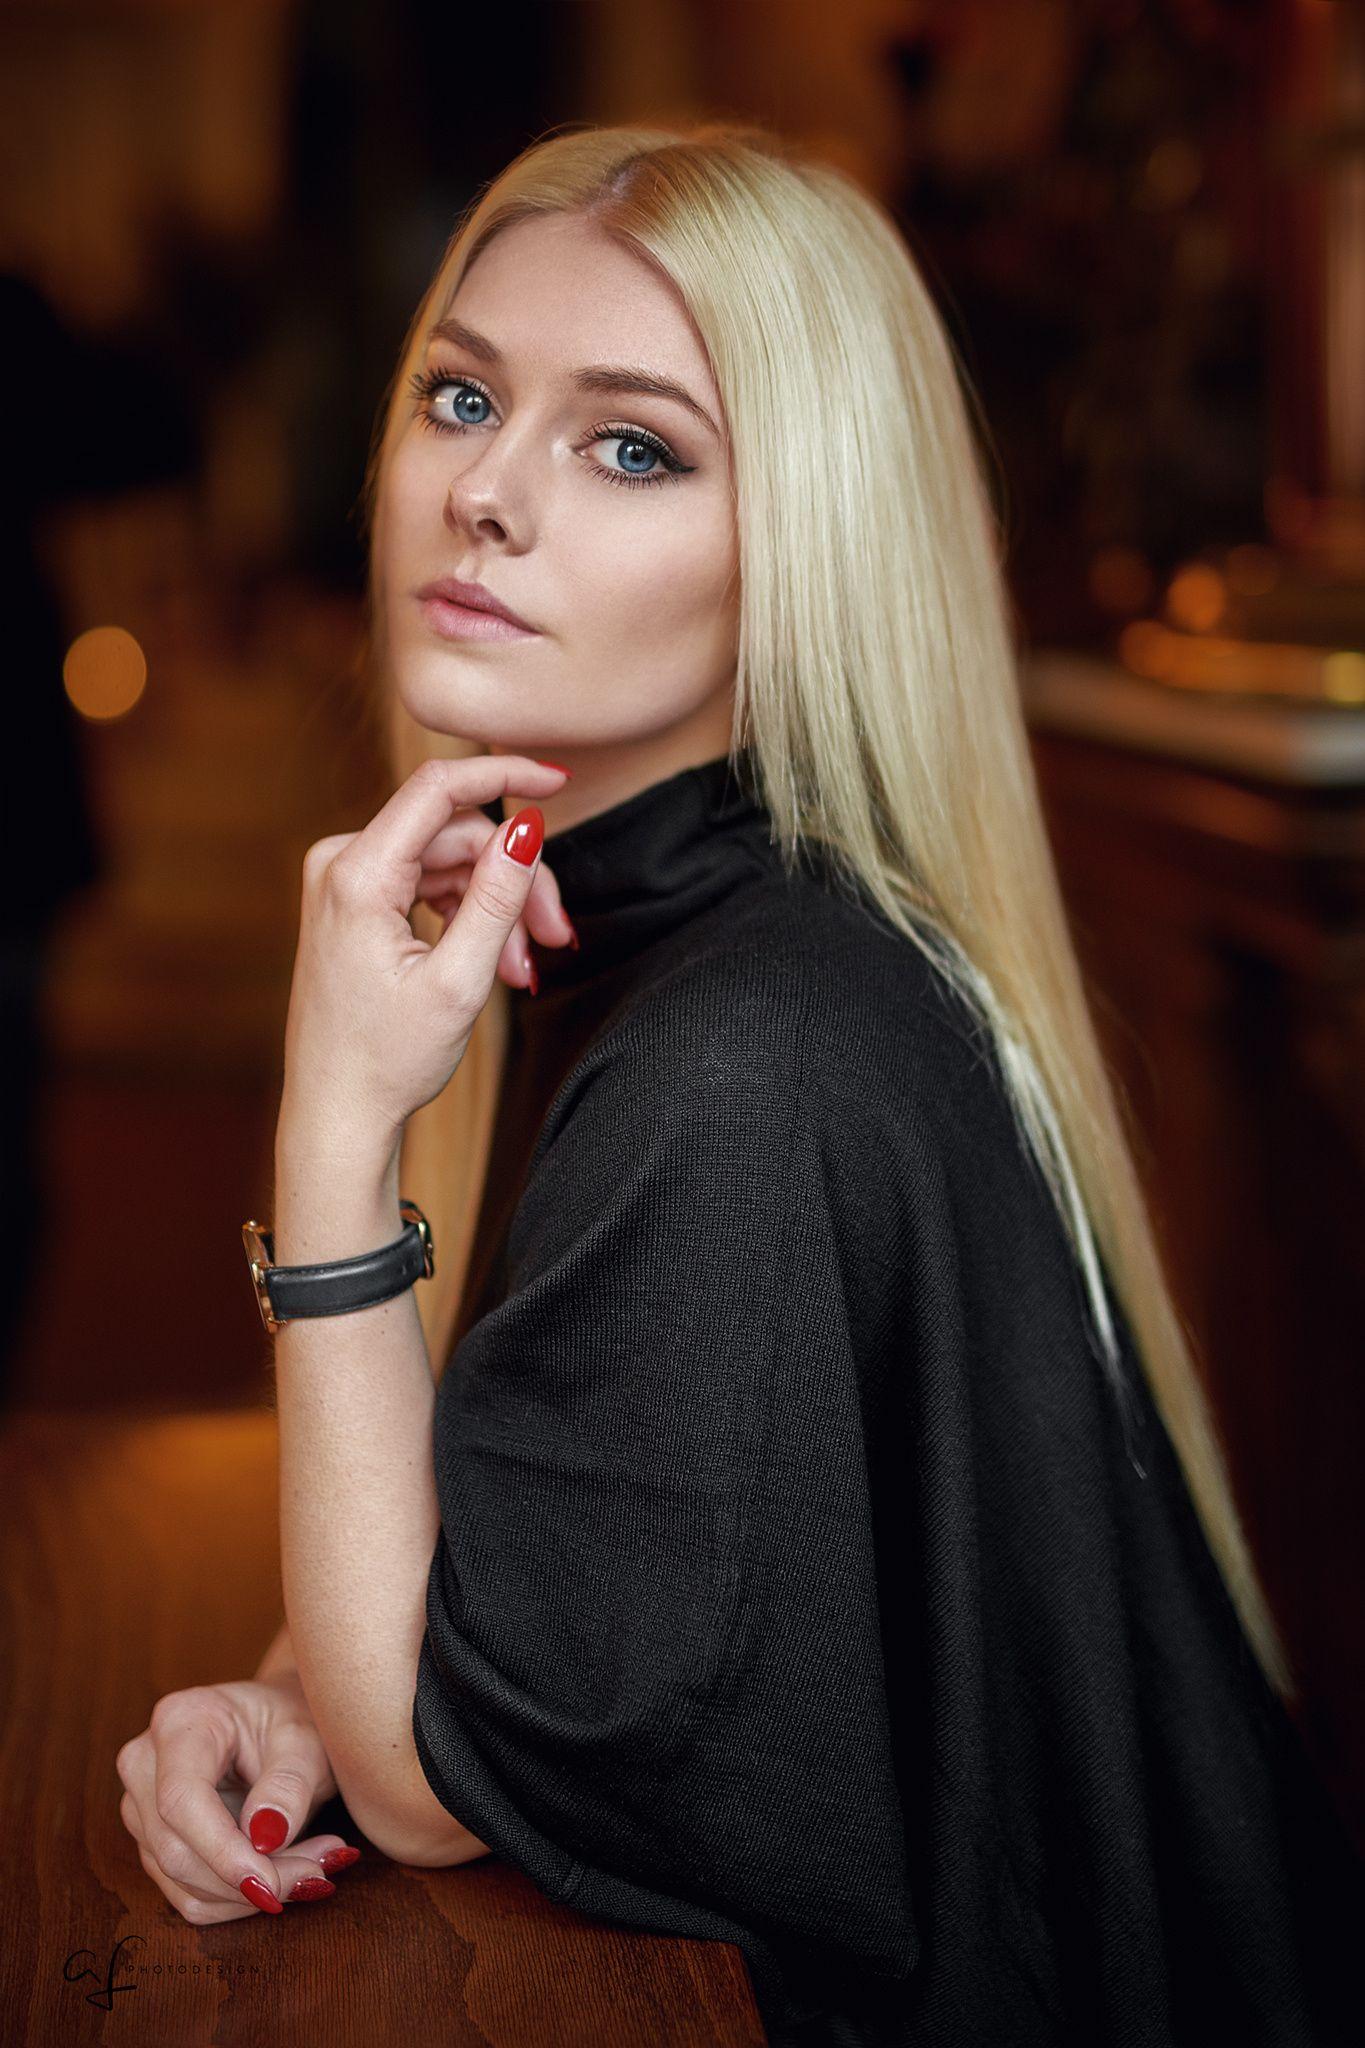 LENA by Alex Fetter | Lena, Portrait, Portrait photography